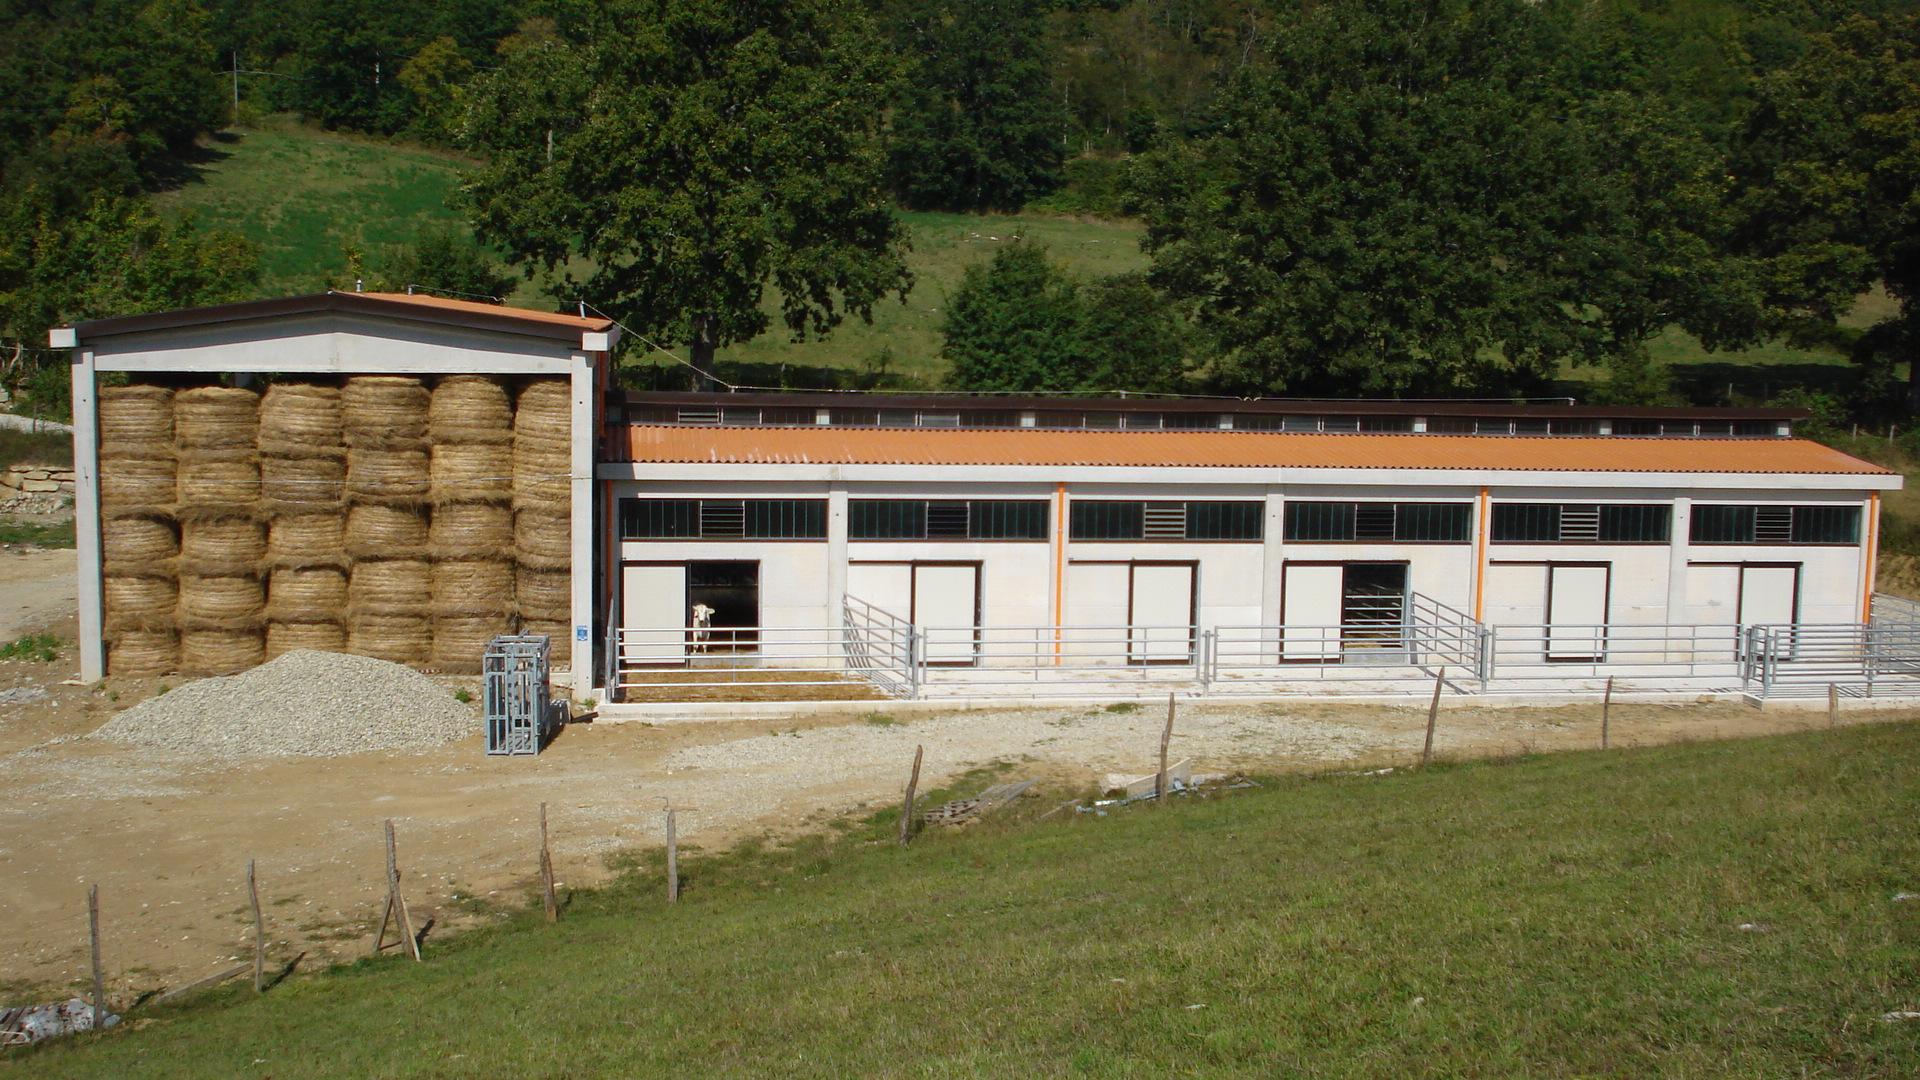 Impianti Zootecnici in Cemento Armato Prefabbricato